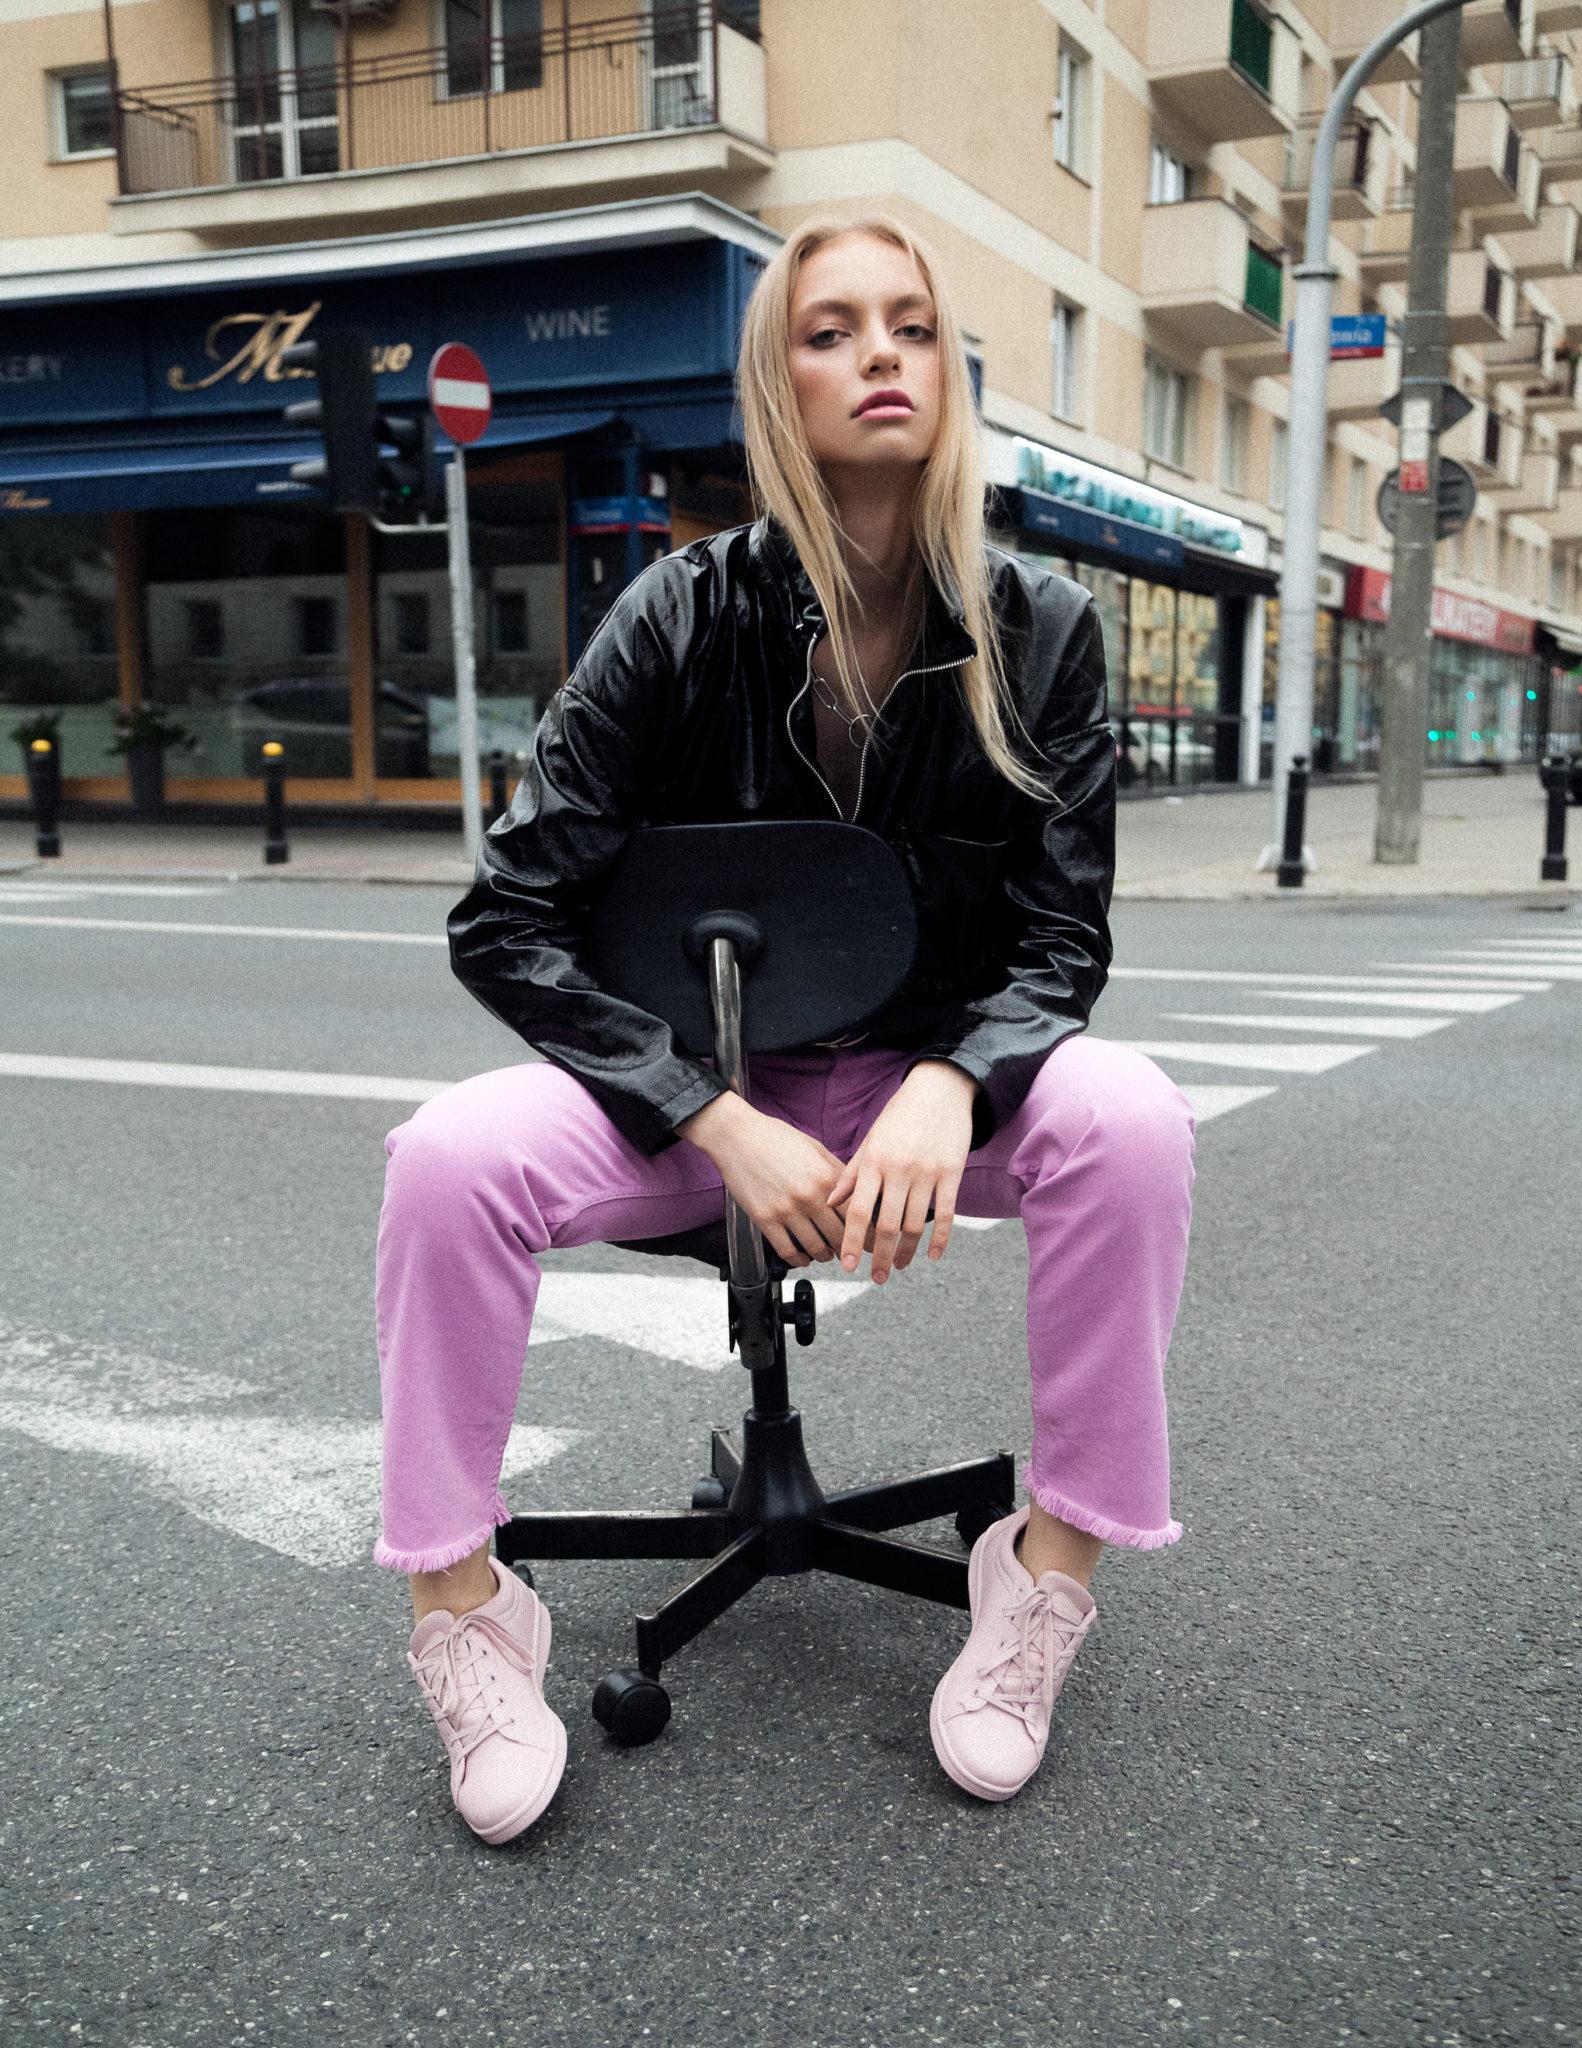 Dziewczyna w różowych spodniach i czarnej kurtce siedzi na środku ulicy na krześle z kółkami